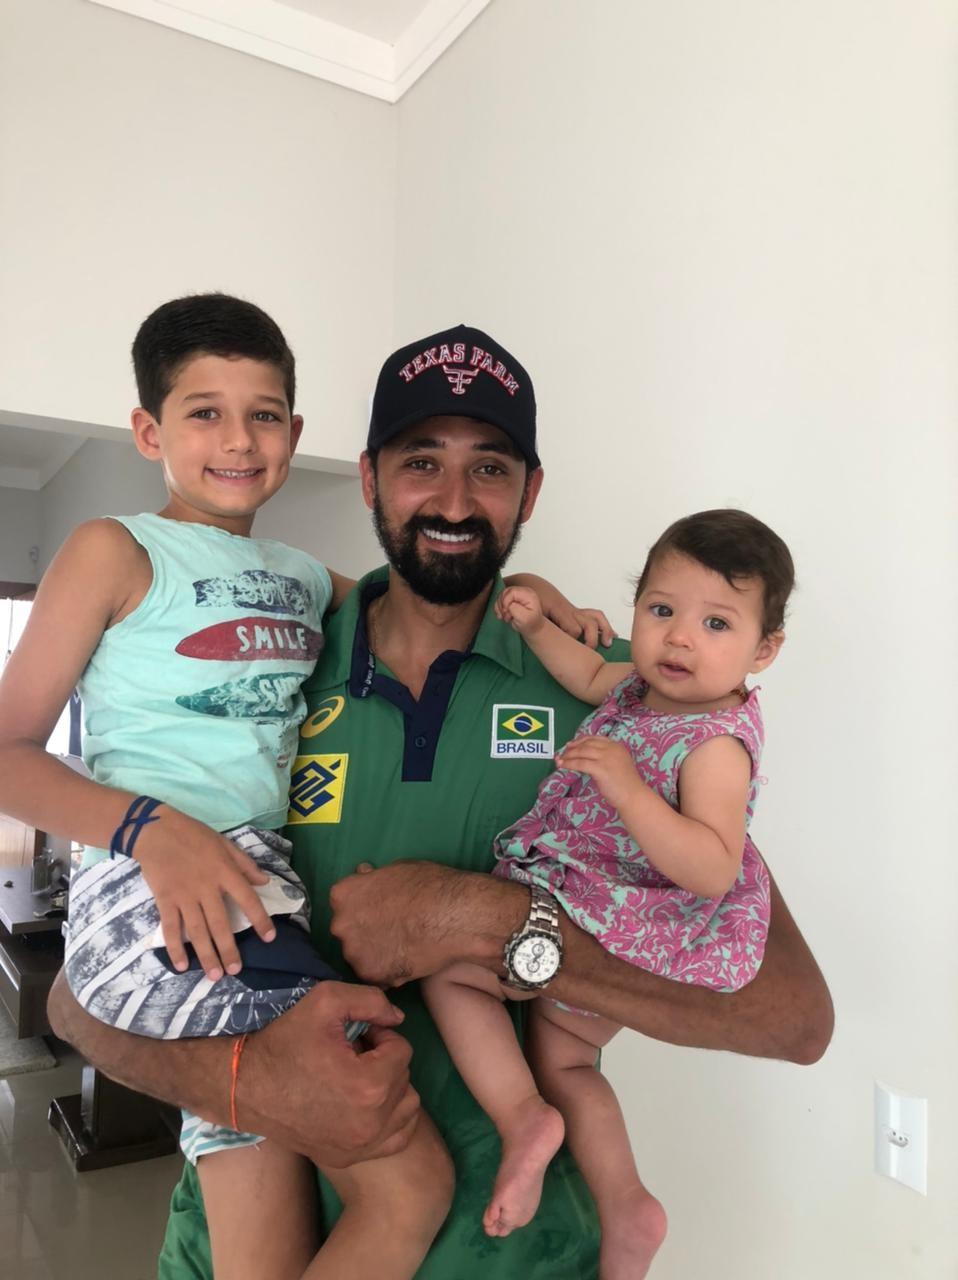 Filho do jogador mineiro da seleção brasileira de vôlei Maurício Souza manda recado para o pai em Tóquio: 'Orgulhosos'